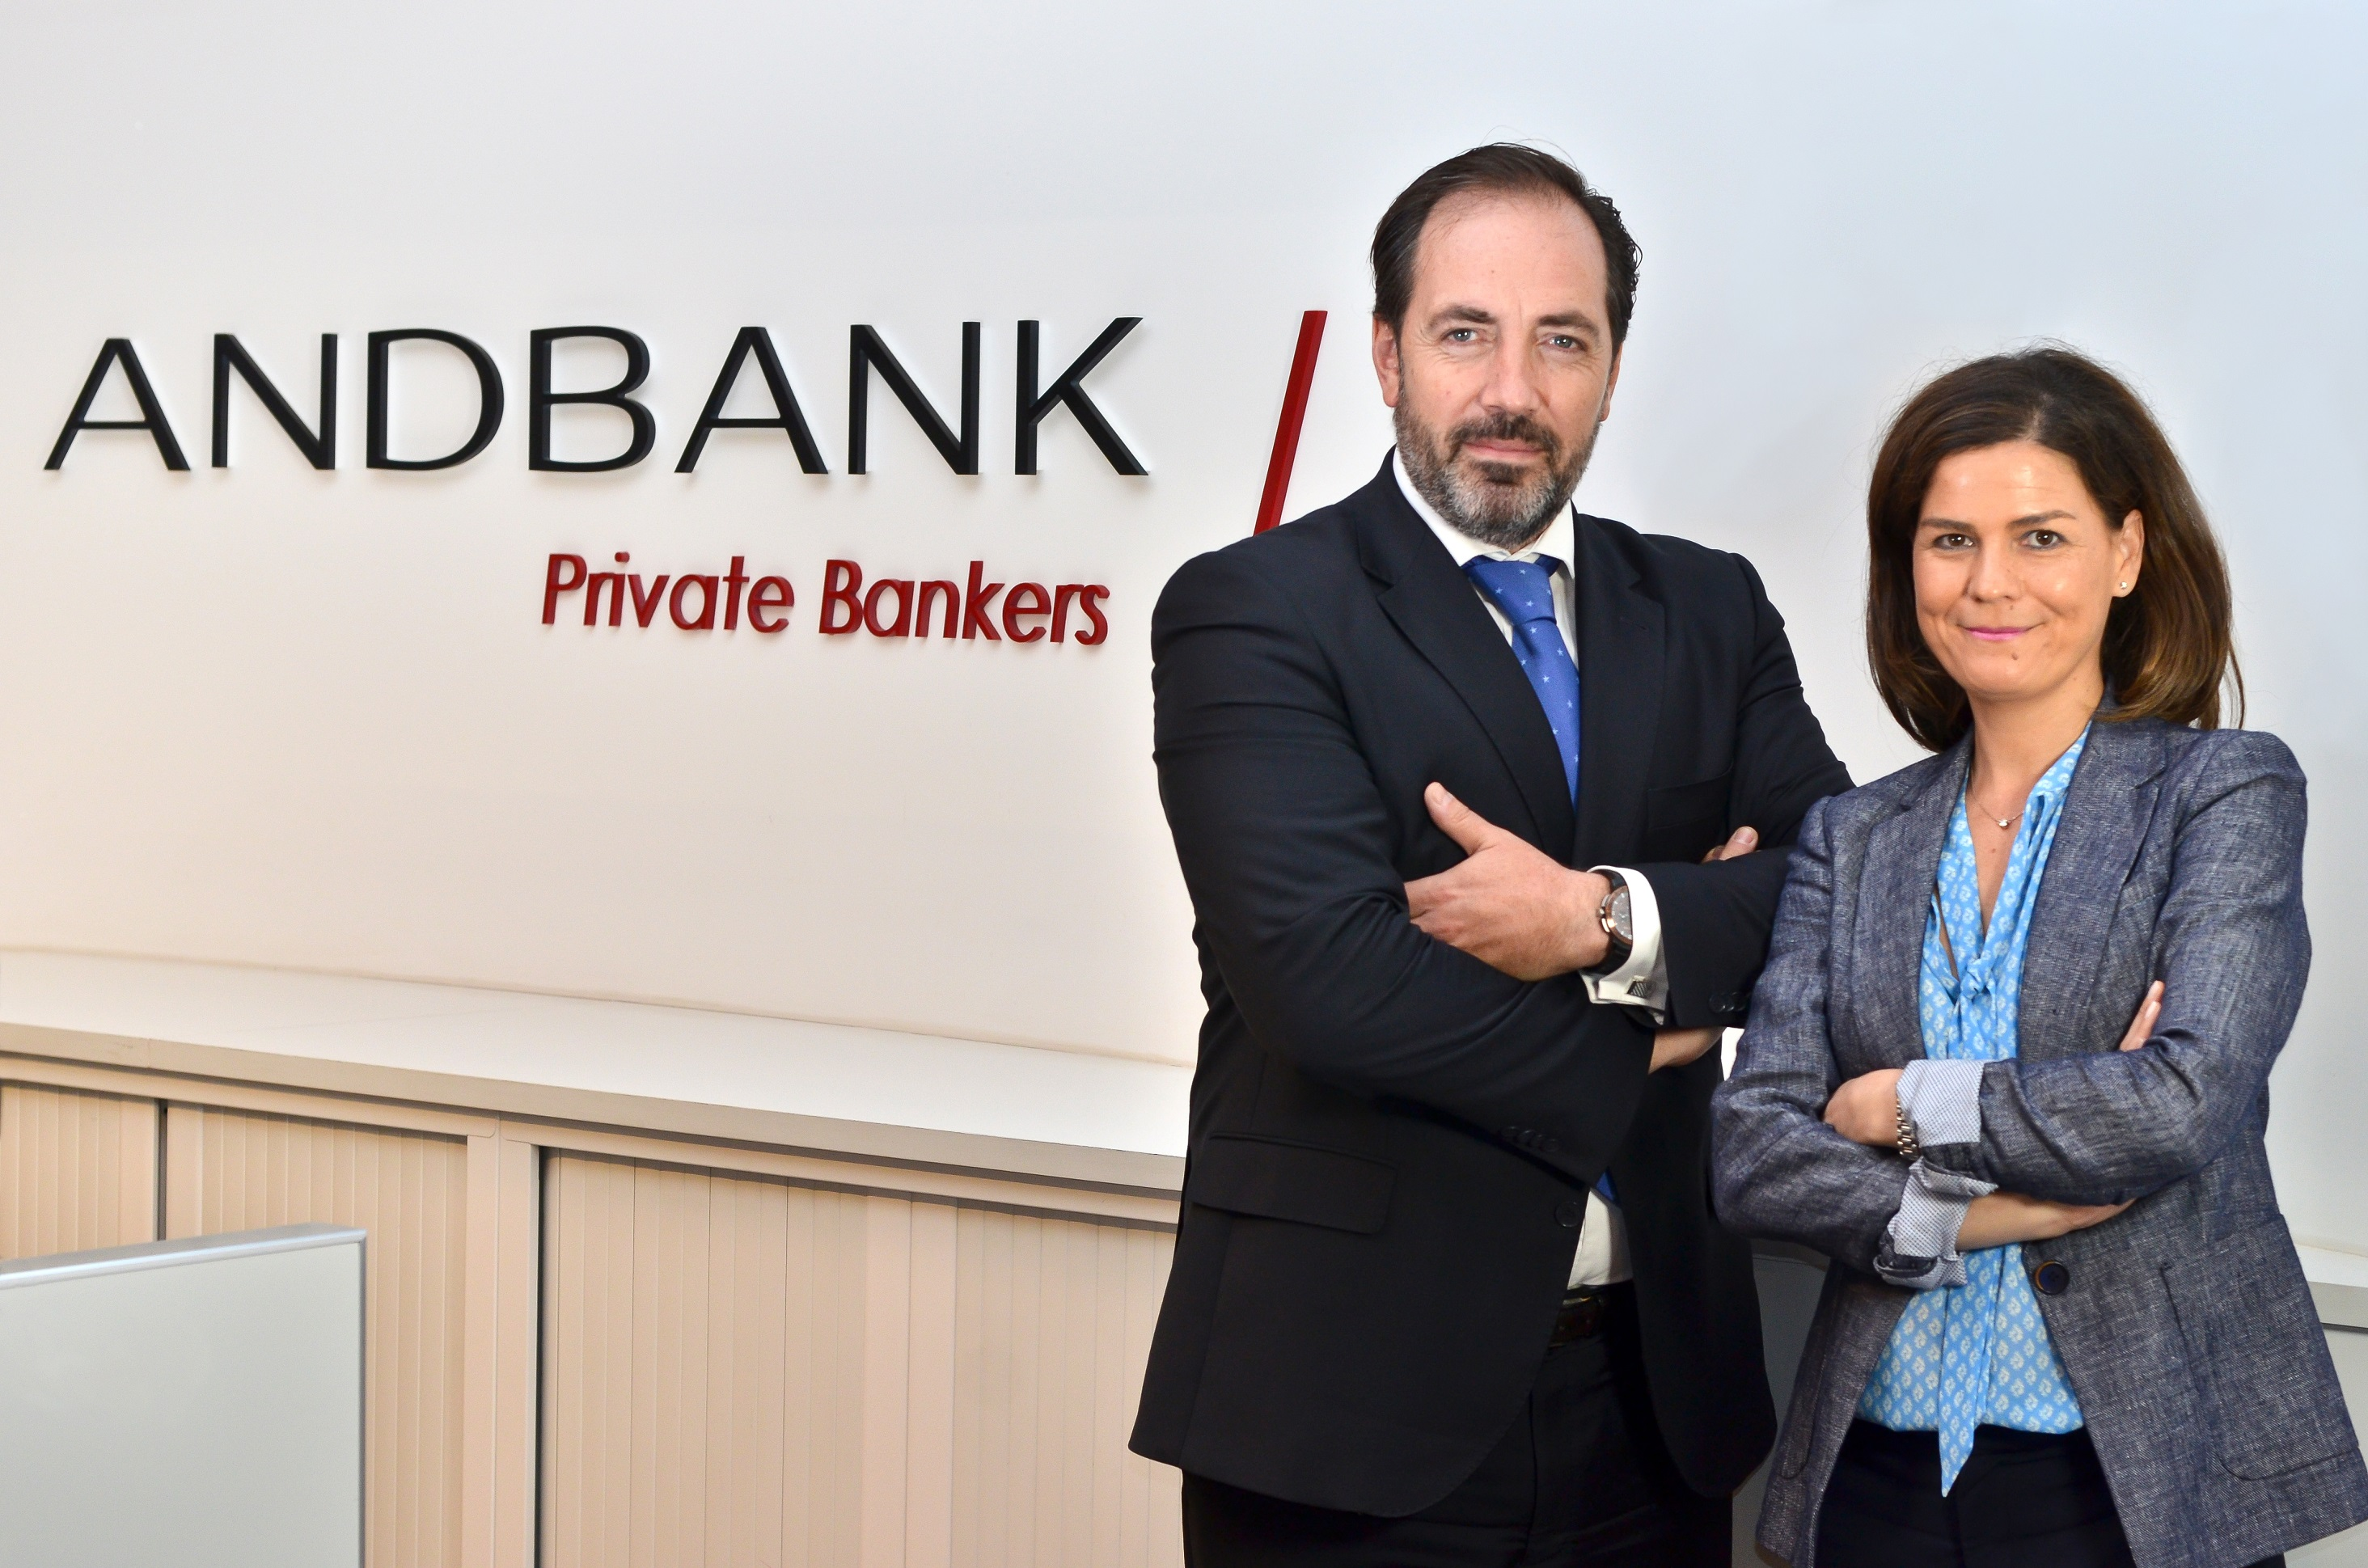 Andbank incorpora a Pilar Enríquez y Carlos López como nuevos directores de Banca Privada en Madrid